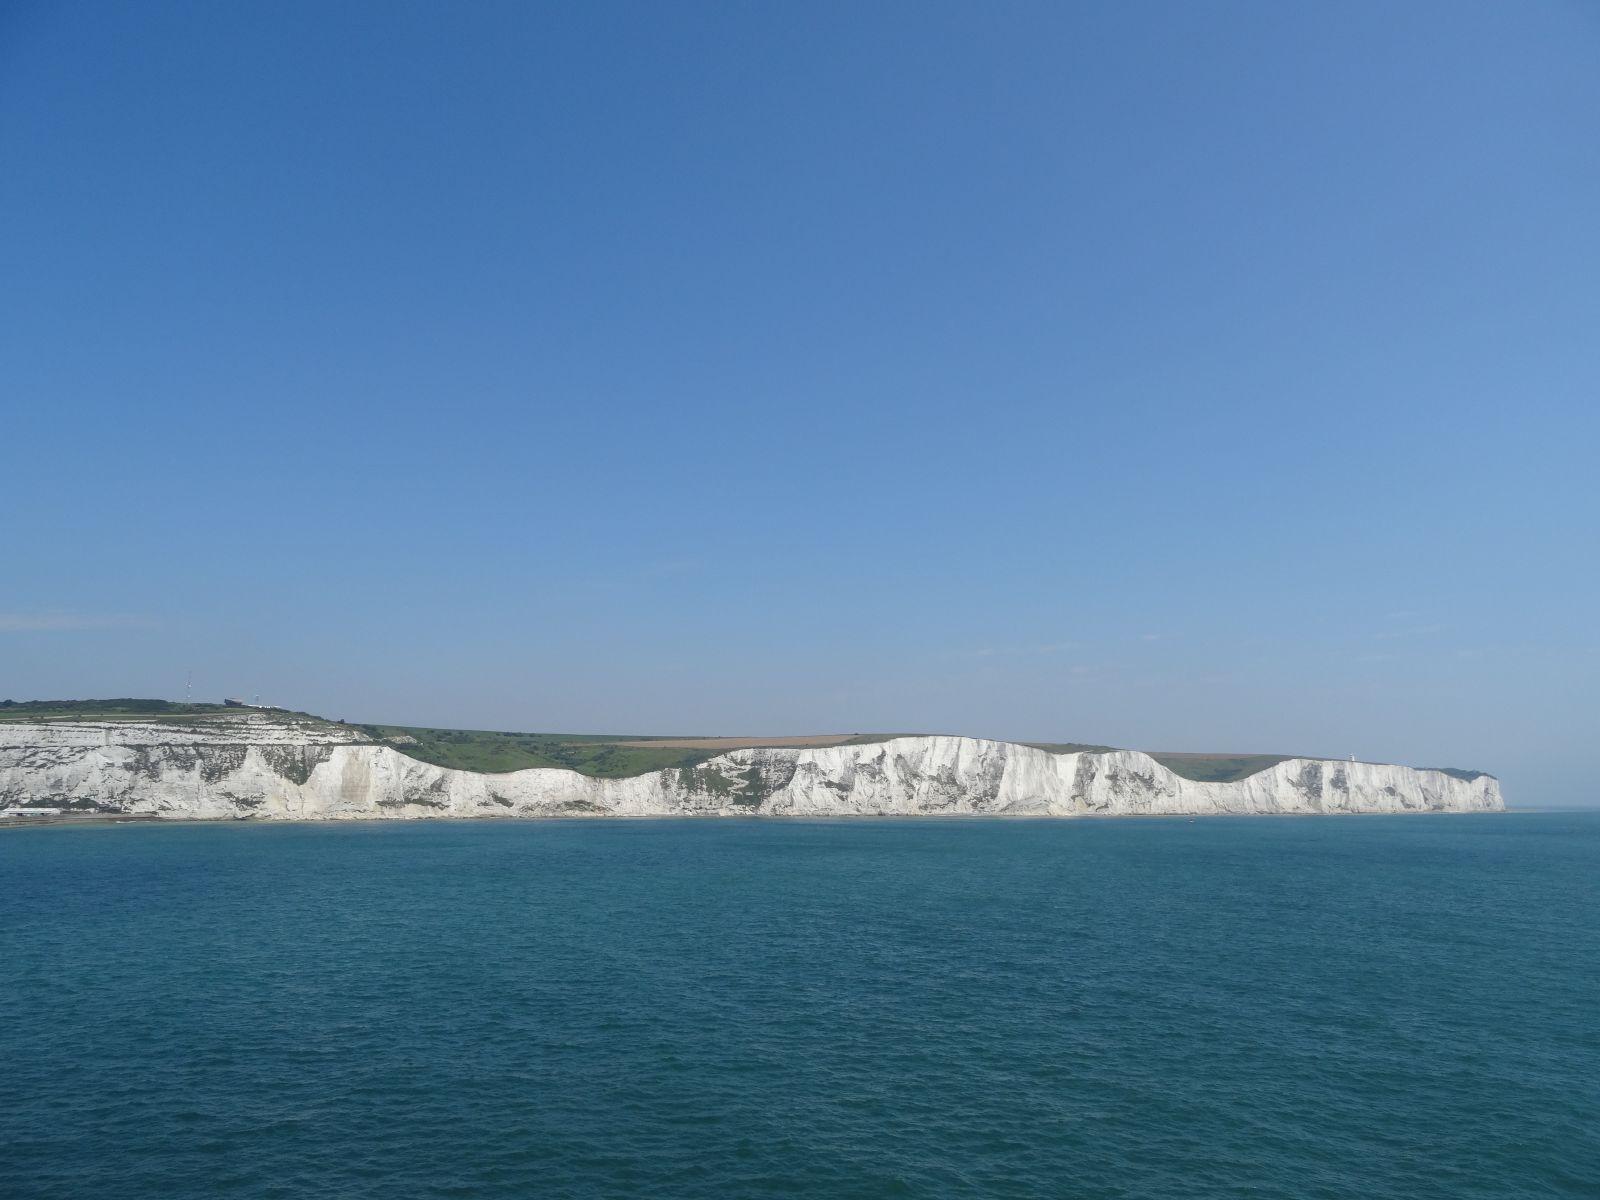 De kliffen van Dover